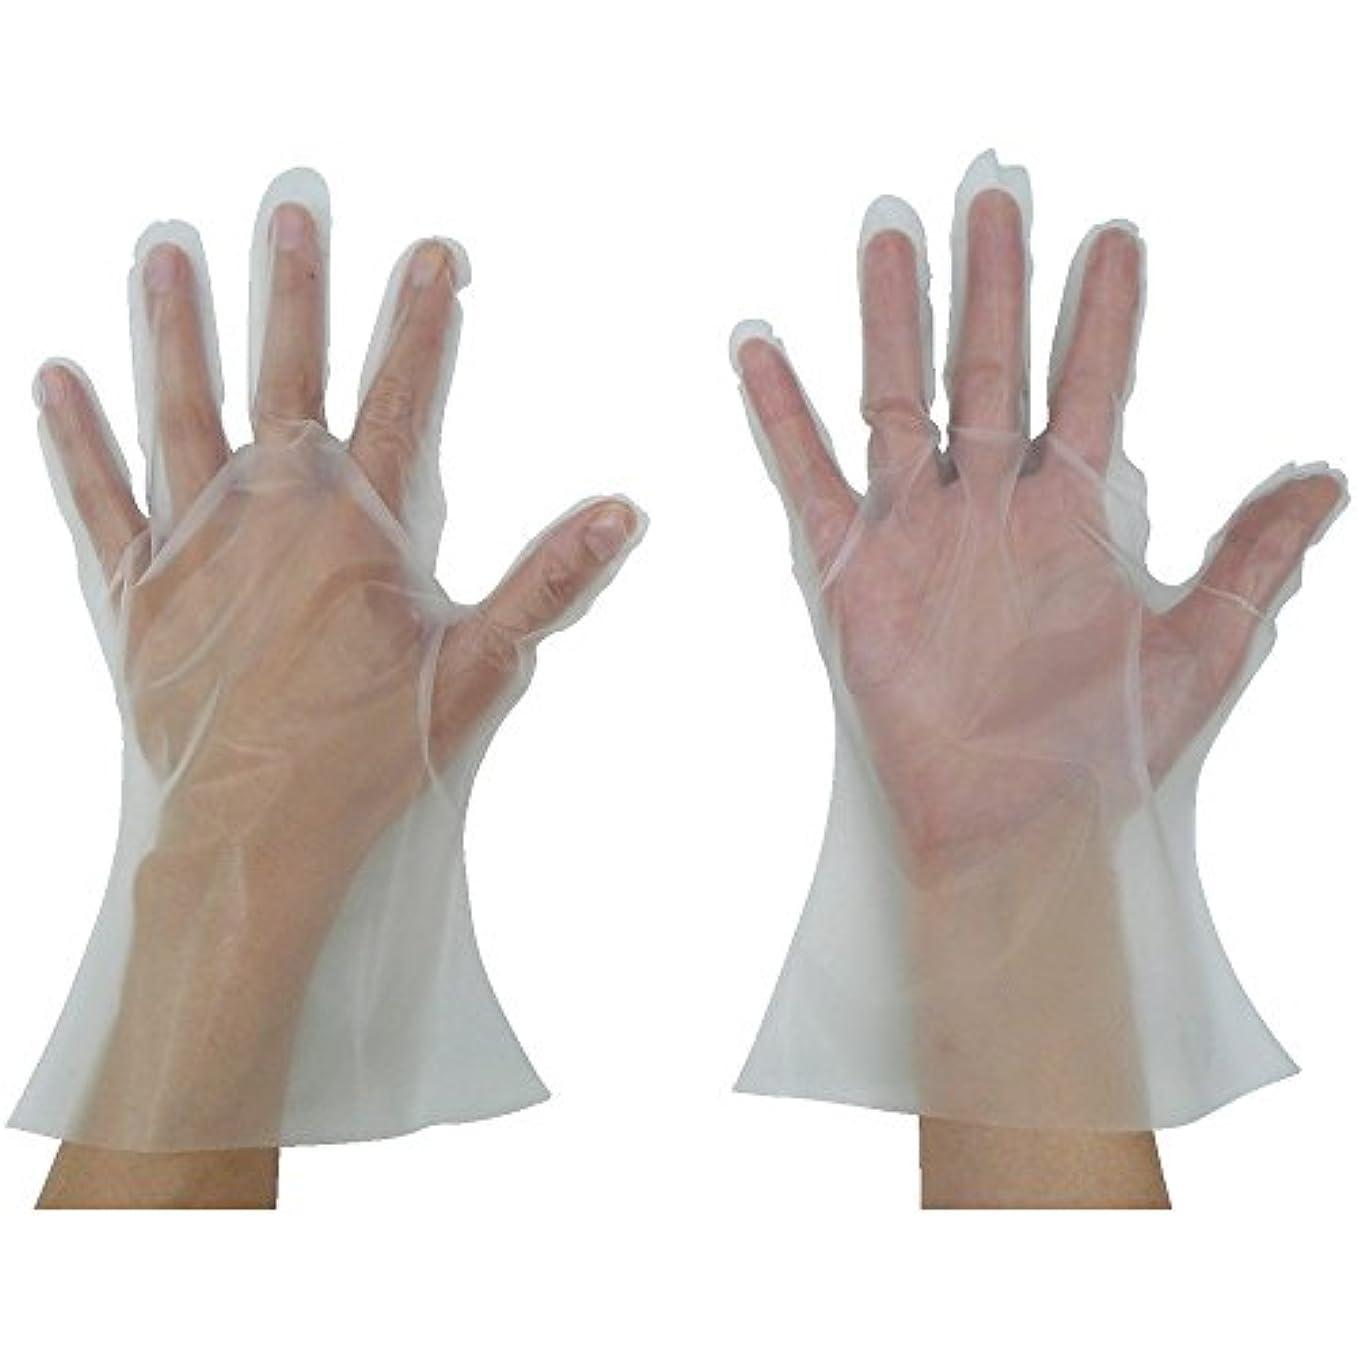 不足ポイントマトン東京パック 緊急災害対策用手袋ニューマイジャスト簡易50L 半透明 KN-L ポリエチレン使い捨て手袋